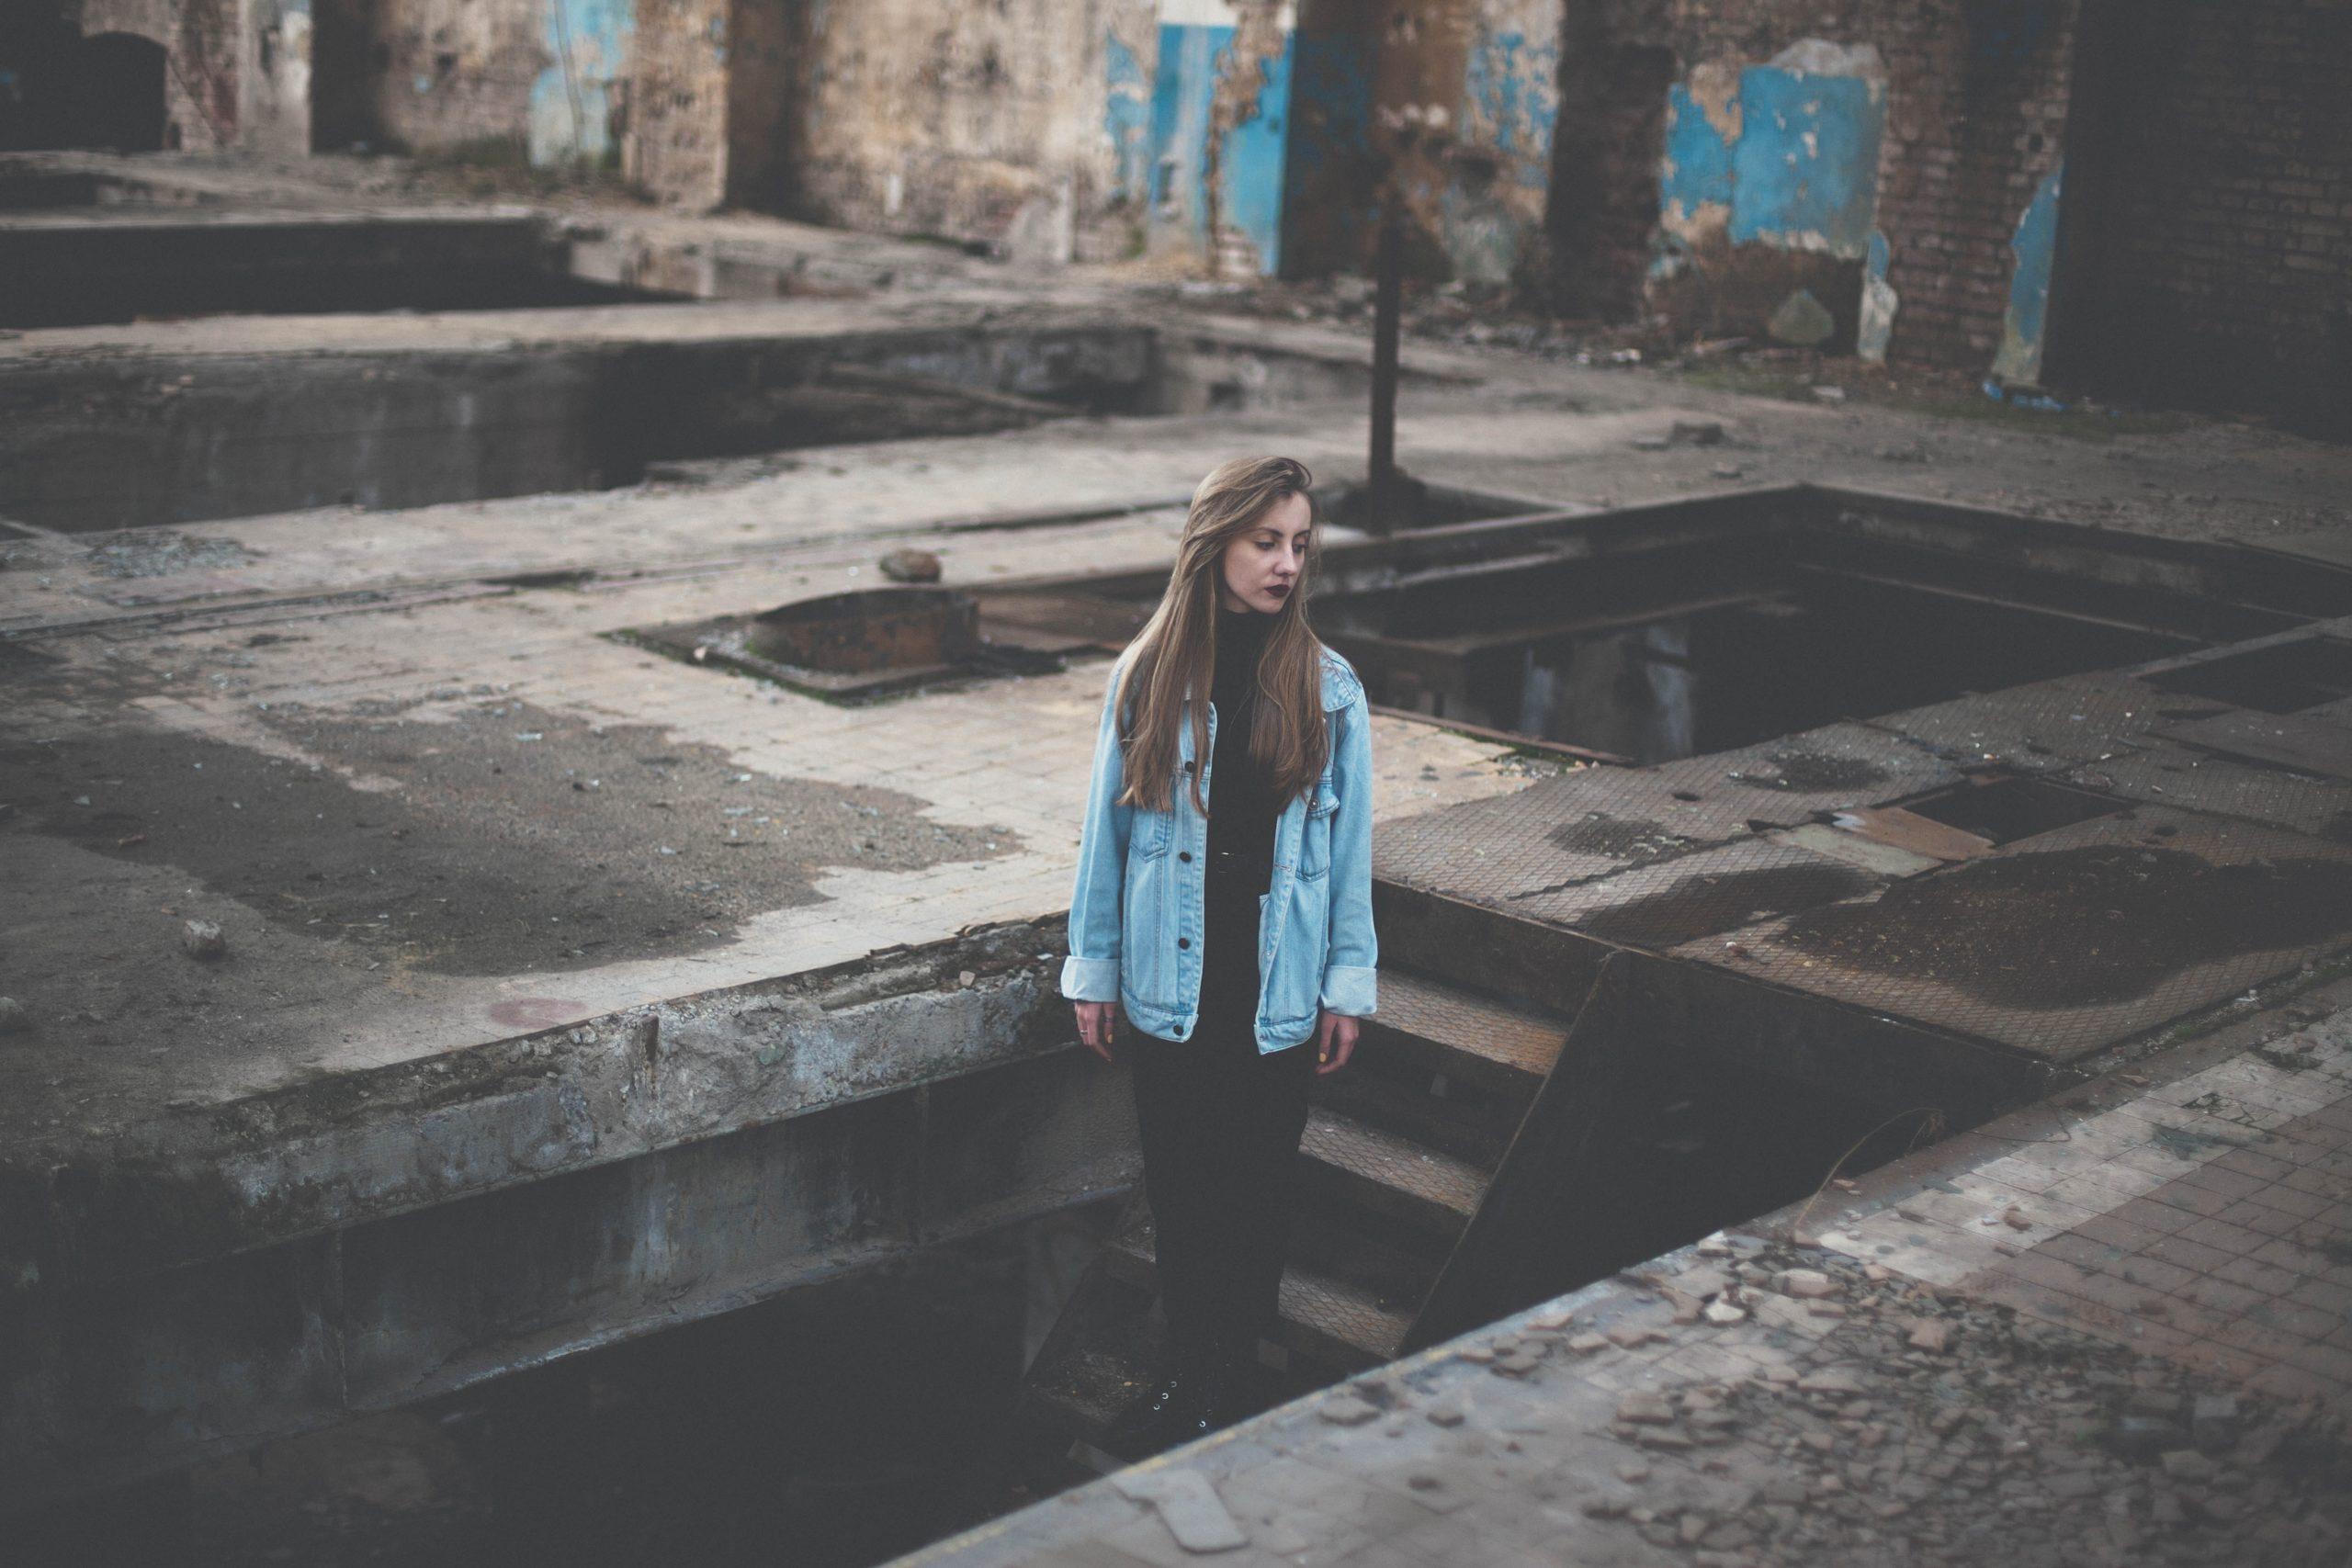 Femme seule l'air triste dans un bâtiment désaffecté - Hypersensible et hypersensibilité